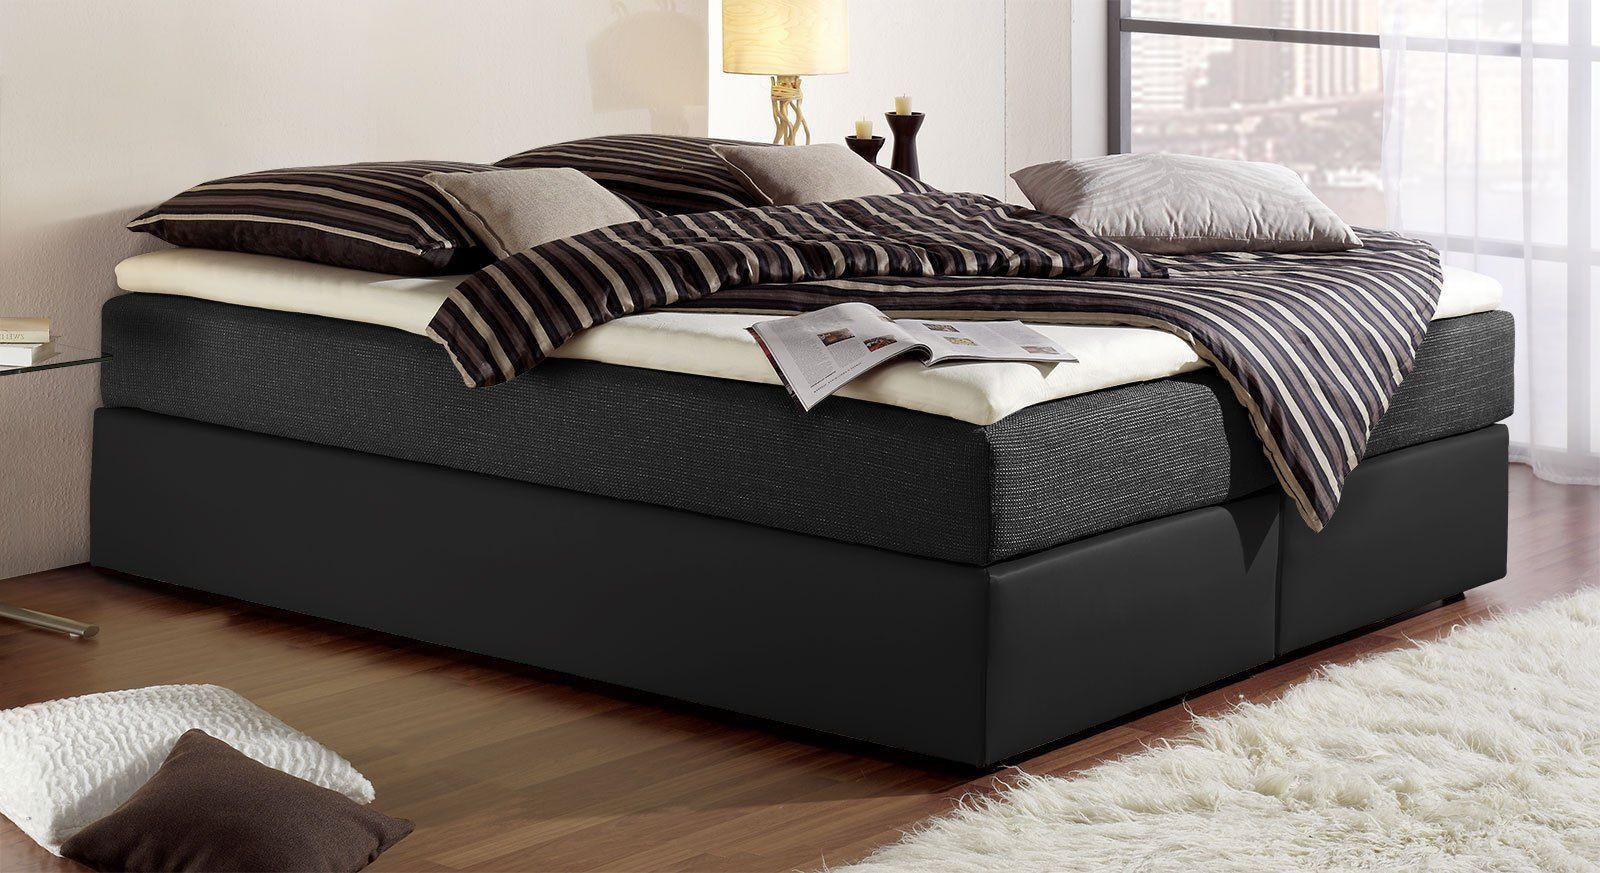 Full Size of Hohes Bett 41 N5 Boxspring Kopfteil Fhrung Futon Barock Pinolino 120 Betten Bei Ikea Cm Breit 200x200 Weiß Modernes Selber Bauen 140x200 Bett Hohes Bett